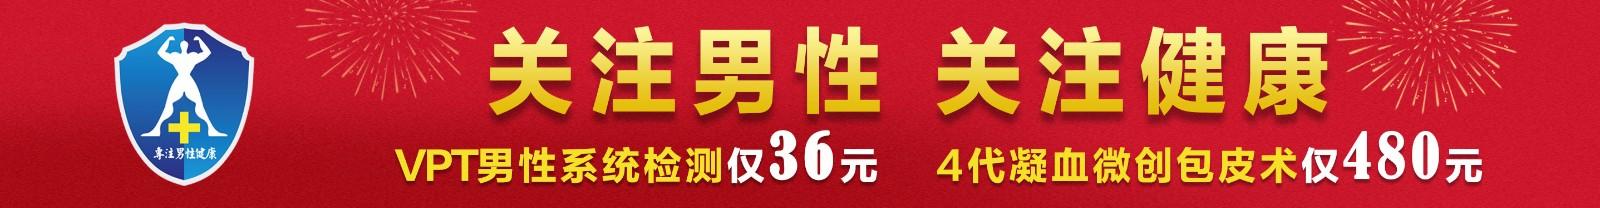 邢台广慈医院-尿道炎的常见类型有哪些